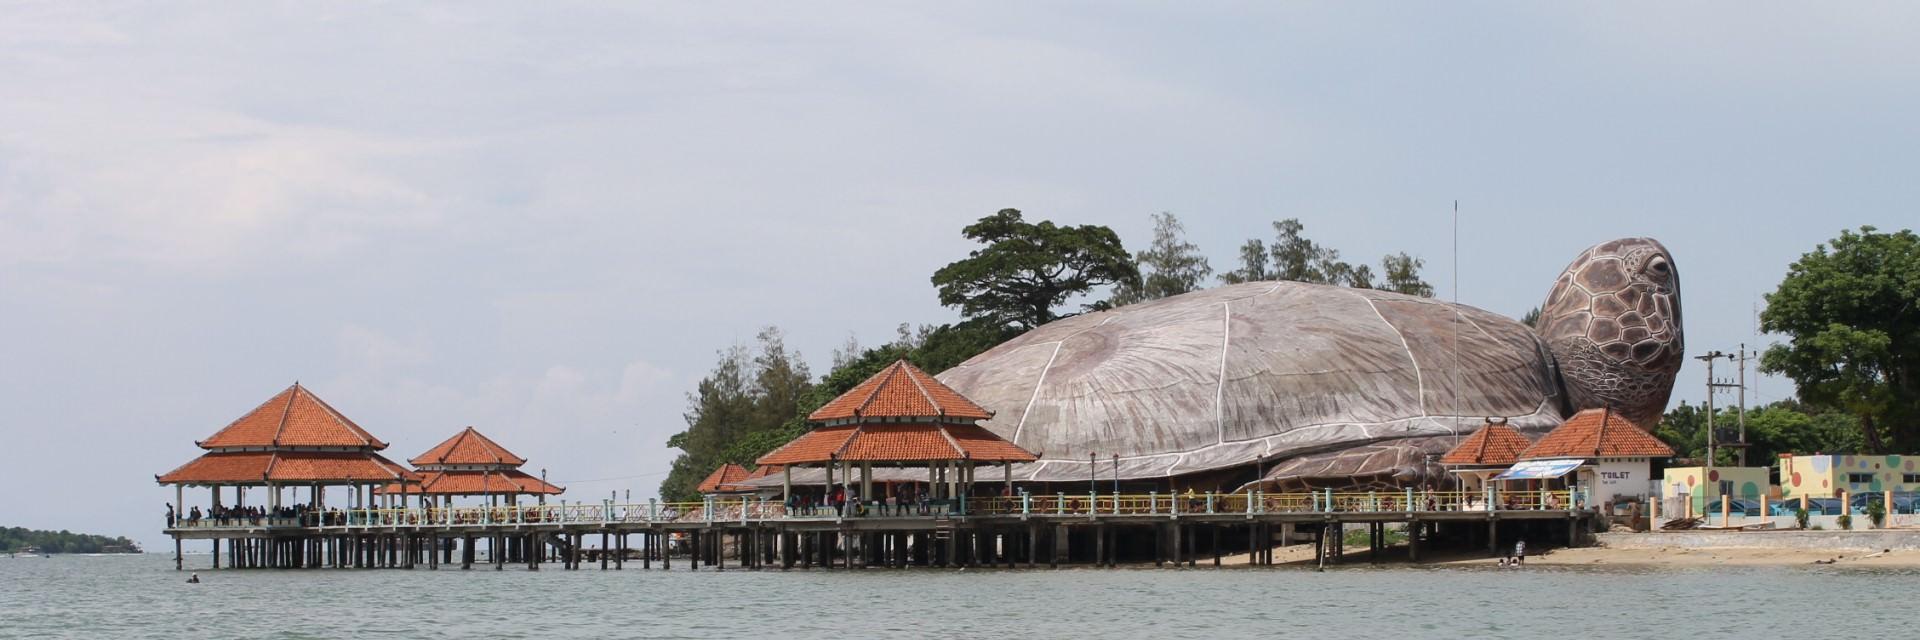 Pantai Kartini Jepara Wisata di Kota Sang Pejuang Pantai Kartini Jepara Wisata di Kota Sang Pejuang - Dolan Dolen